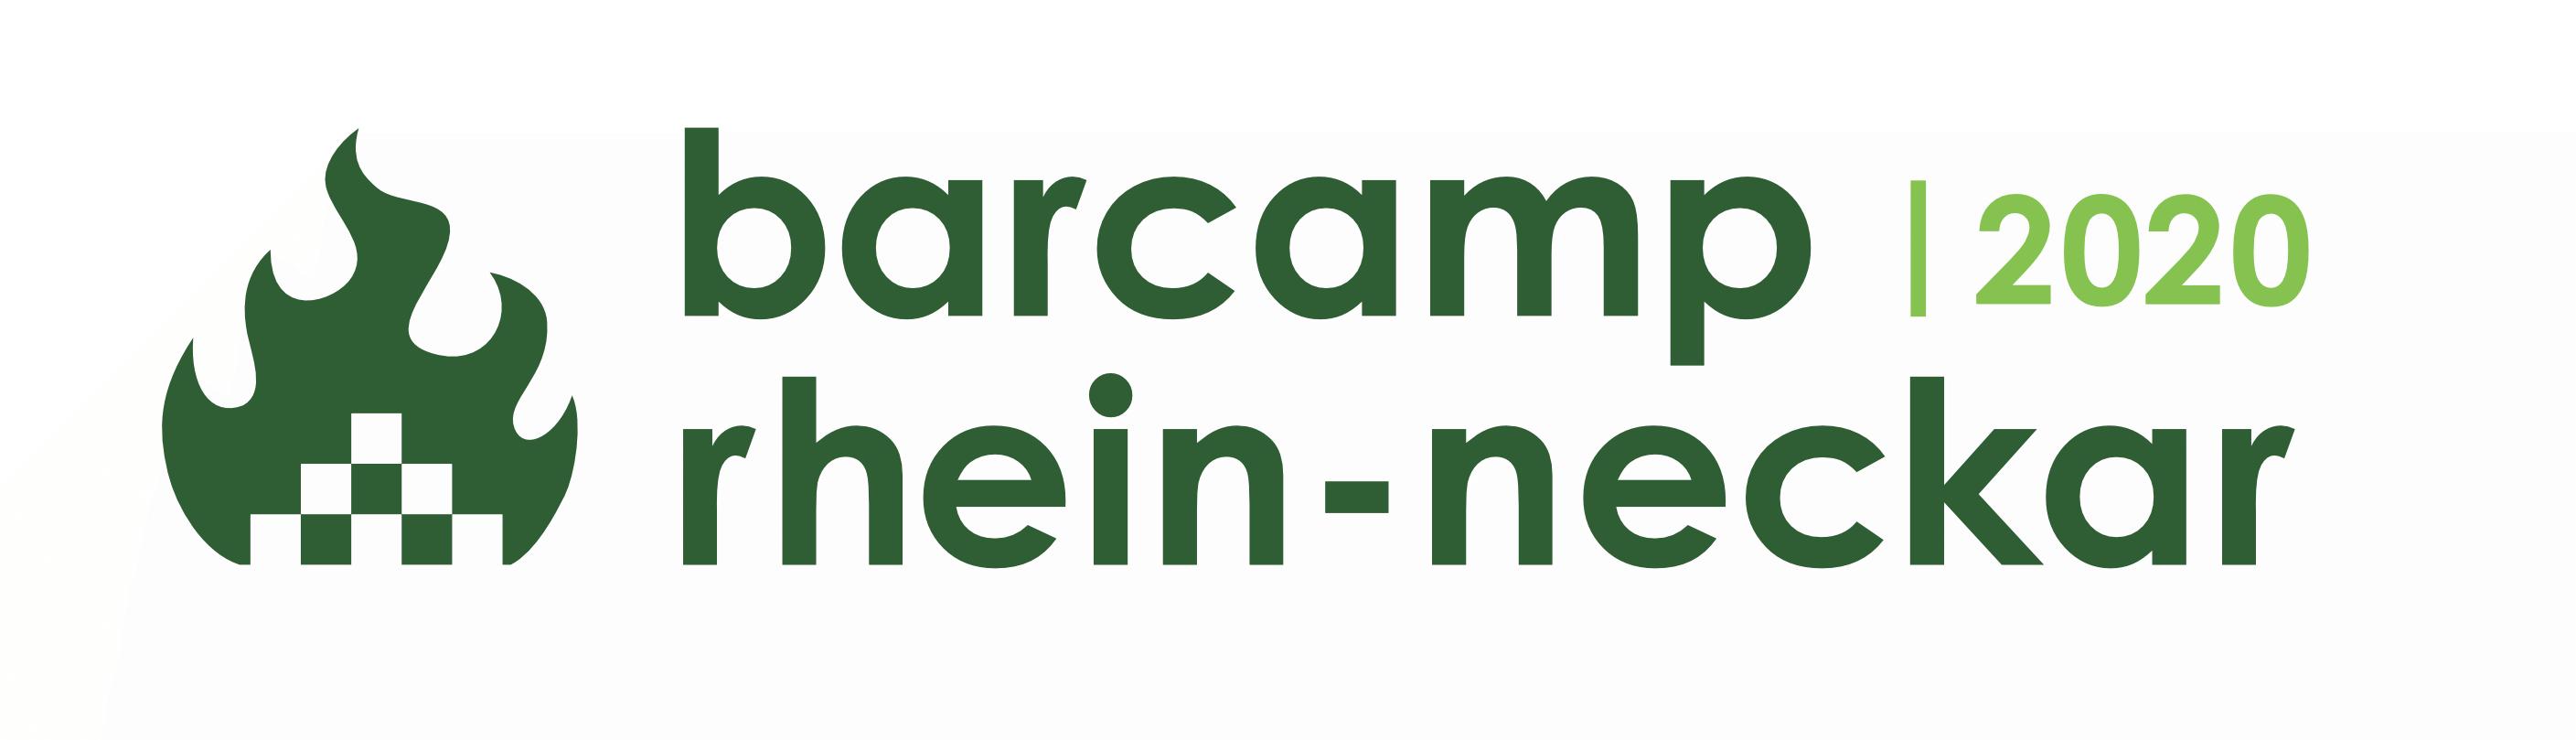 Barcamp Rhein-Neckar 2020